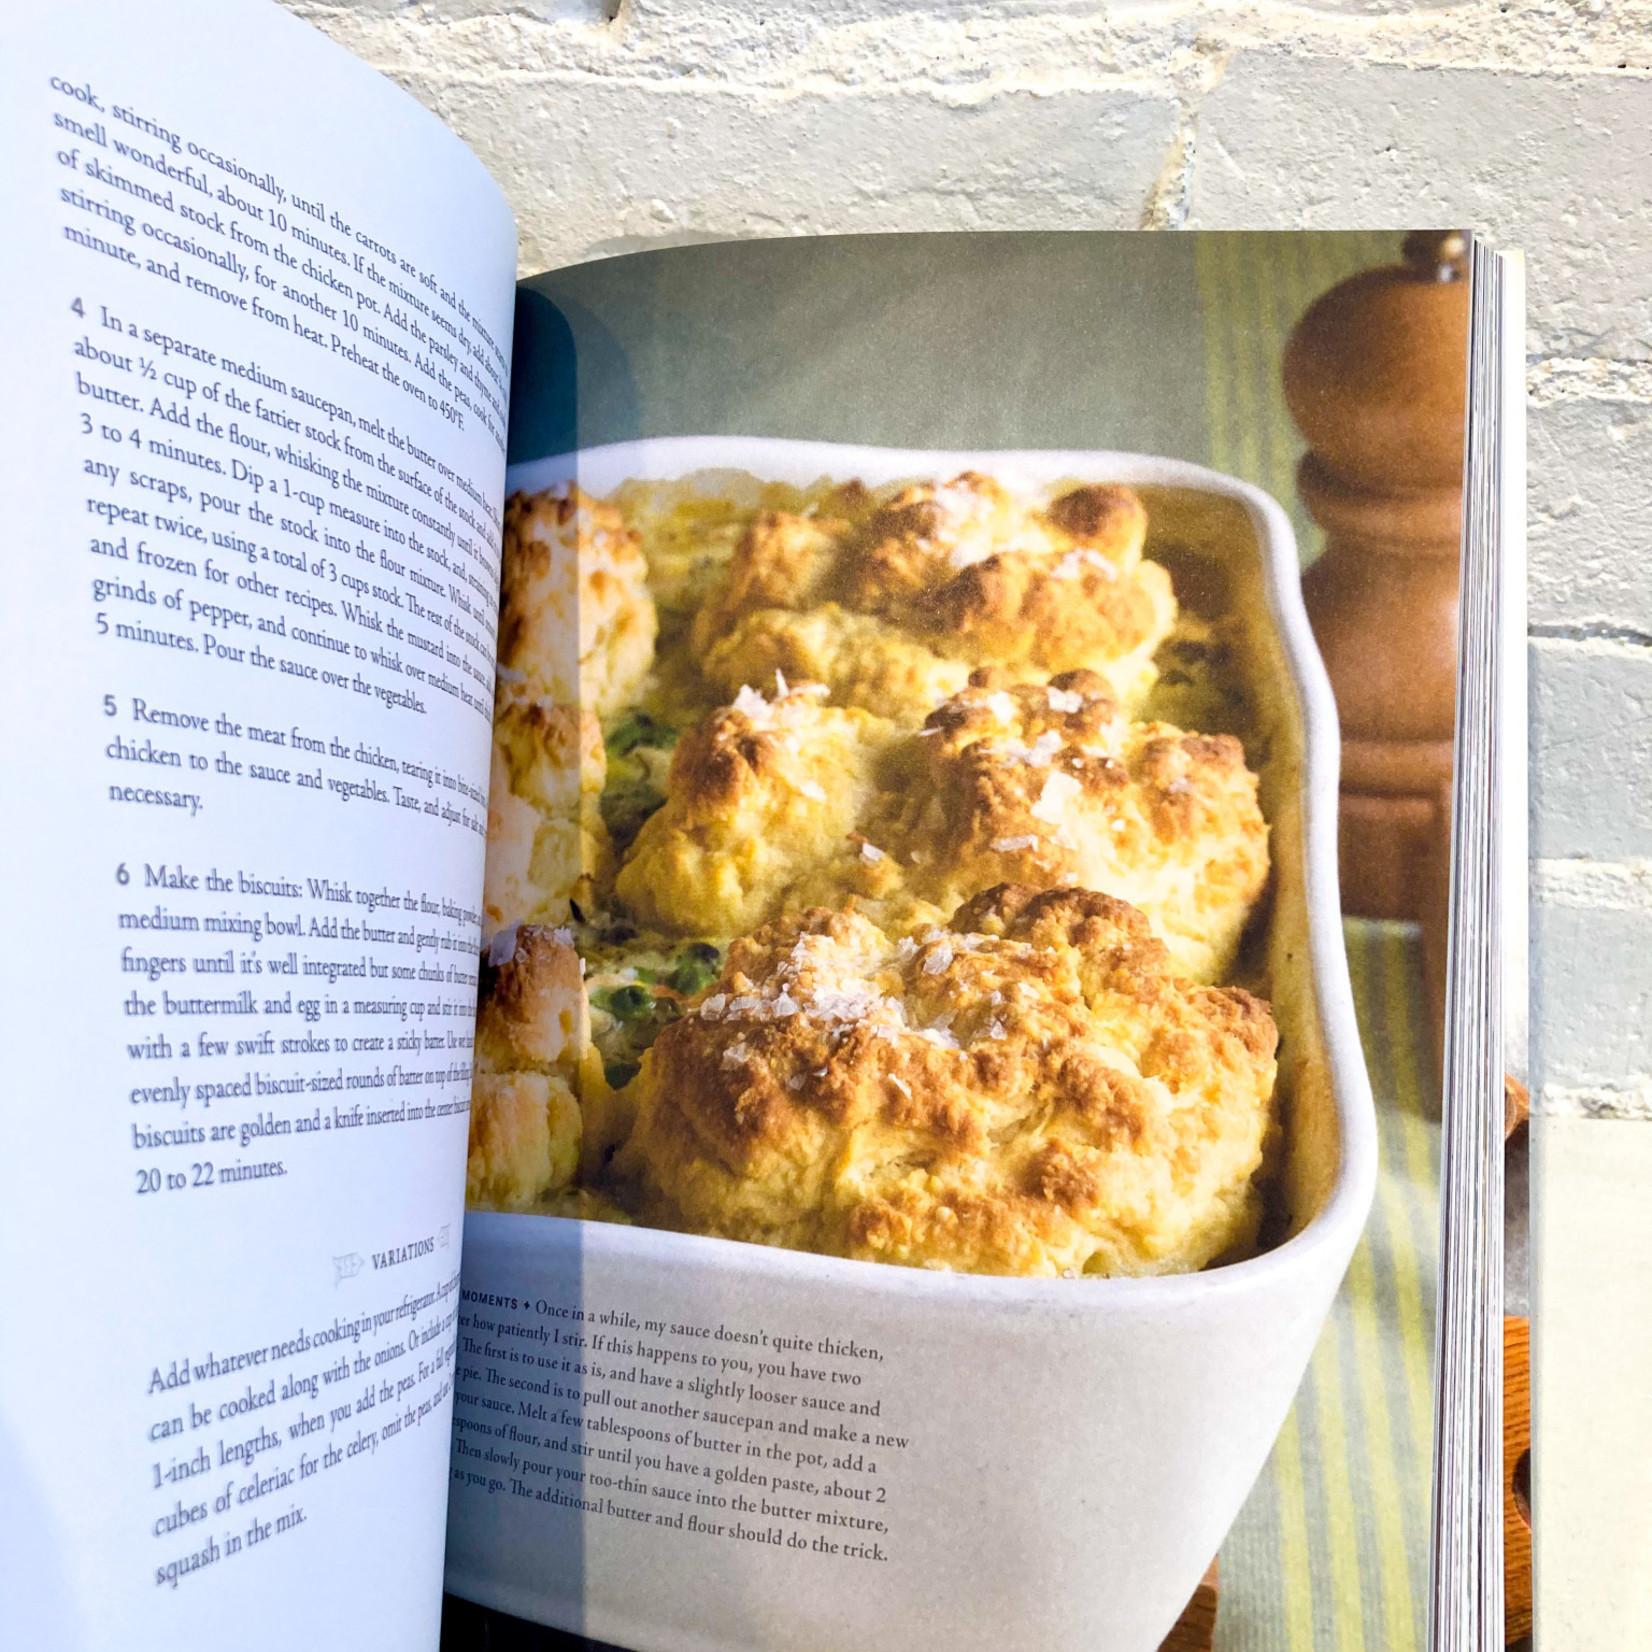 The Homemade Kitchen by Alana Chernila